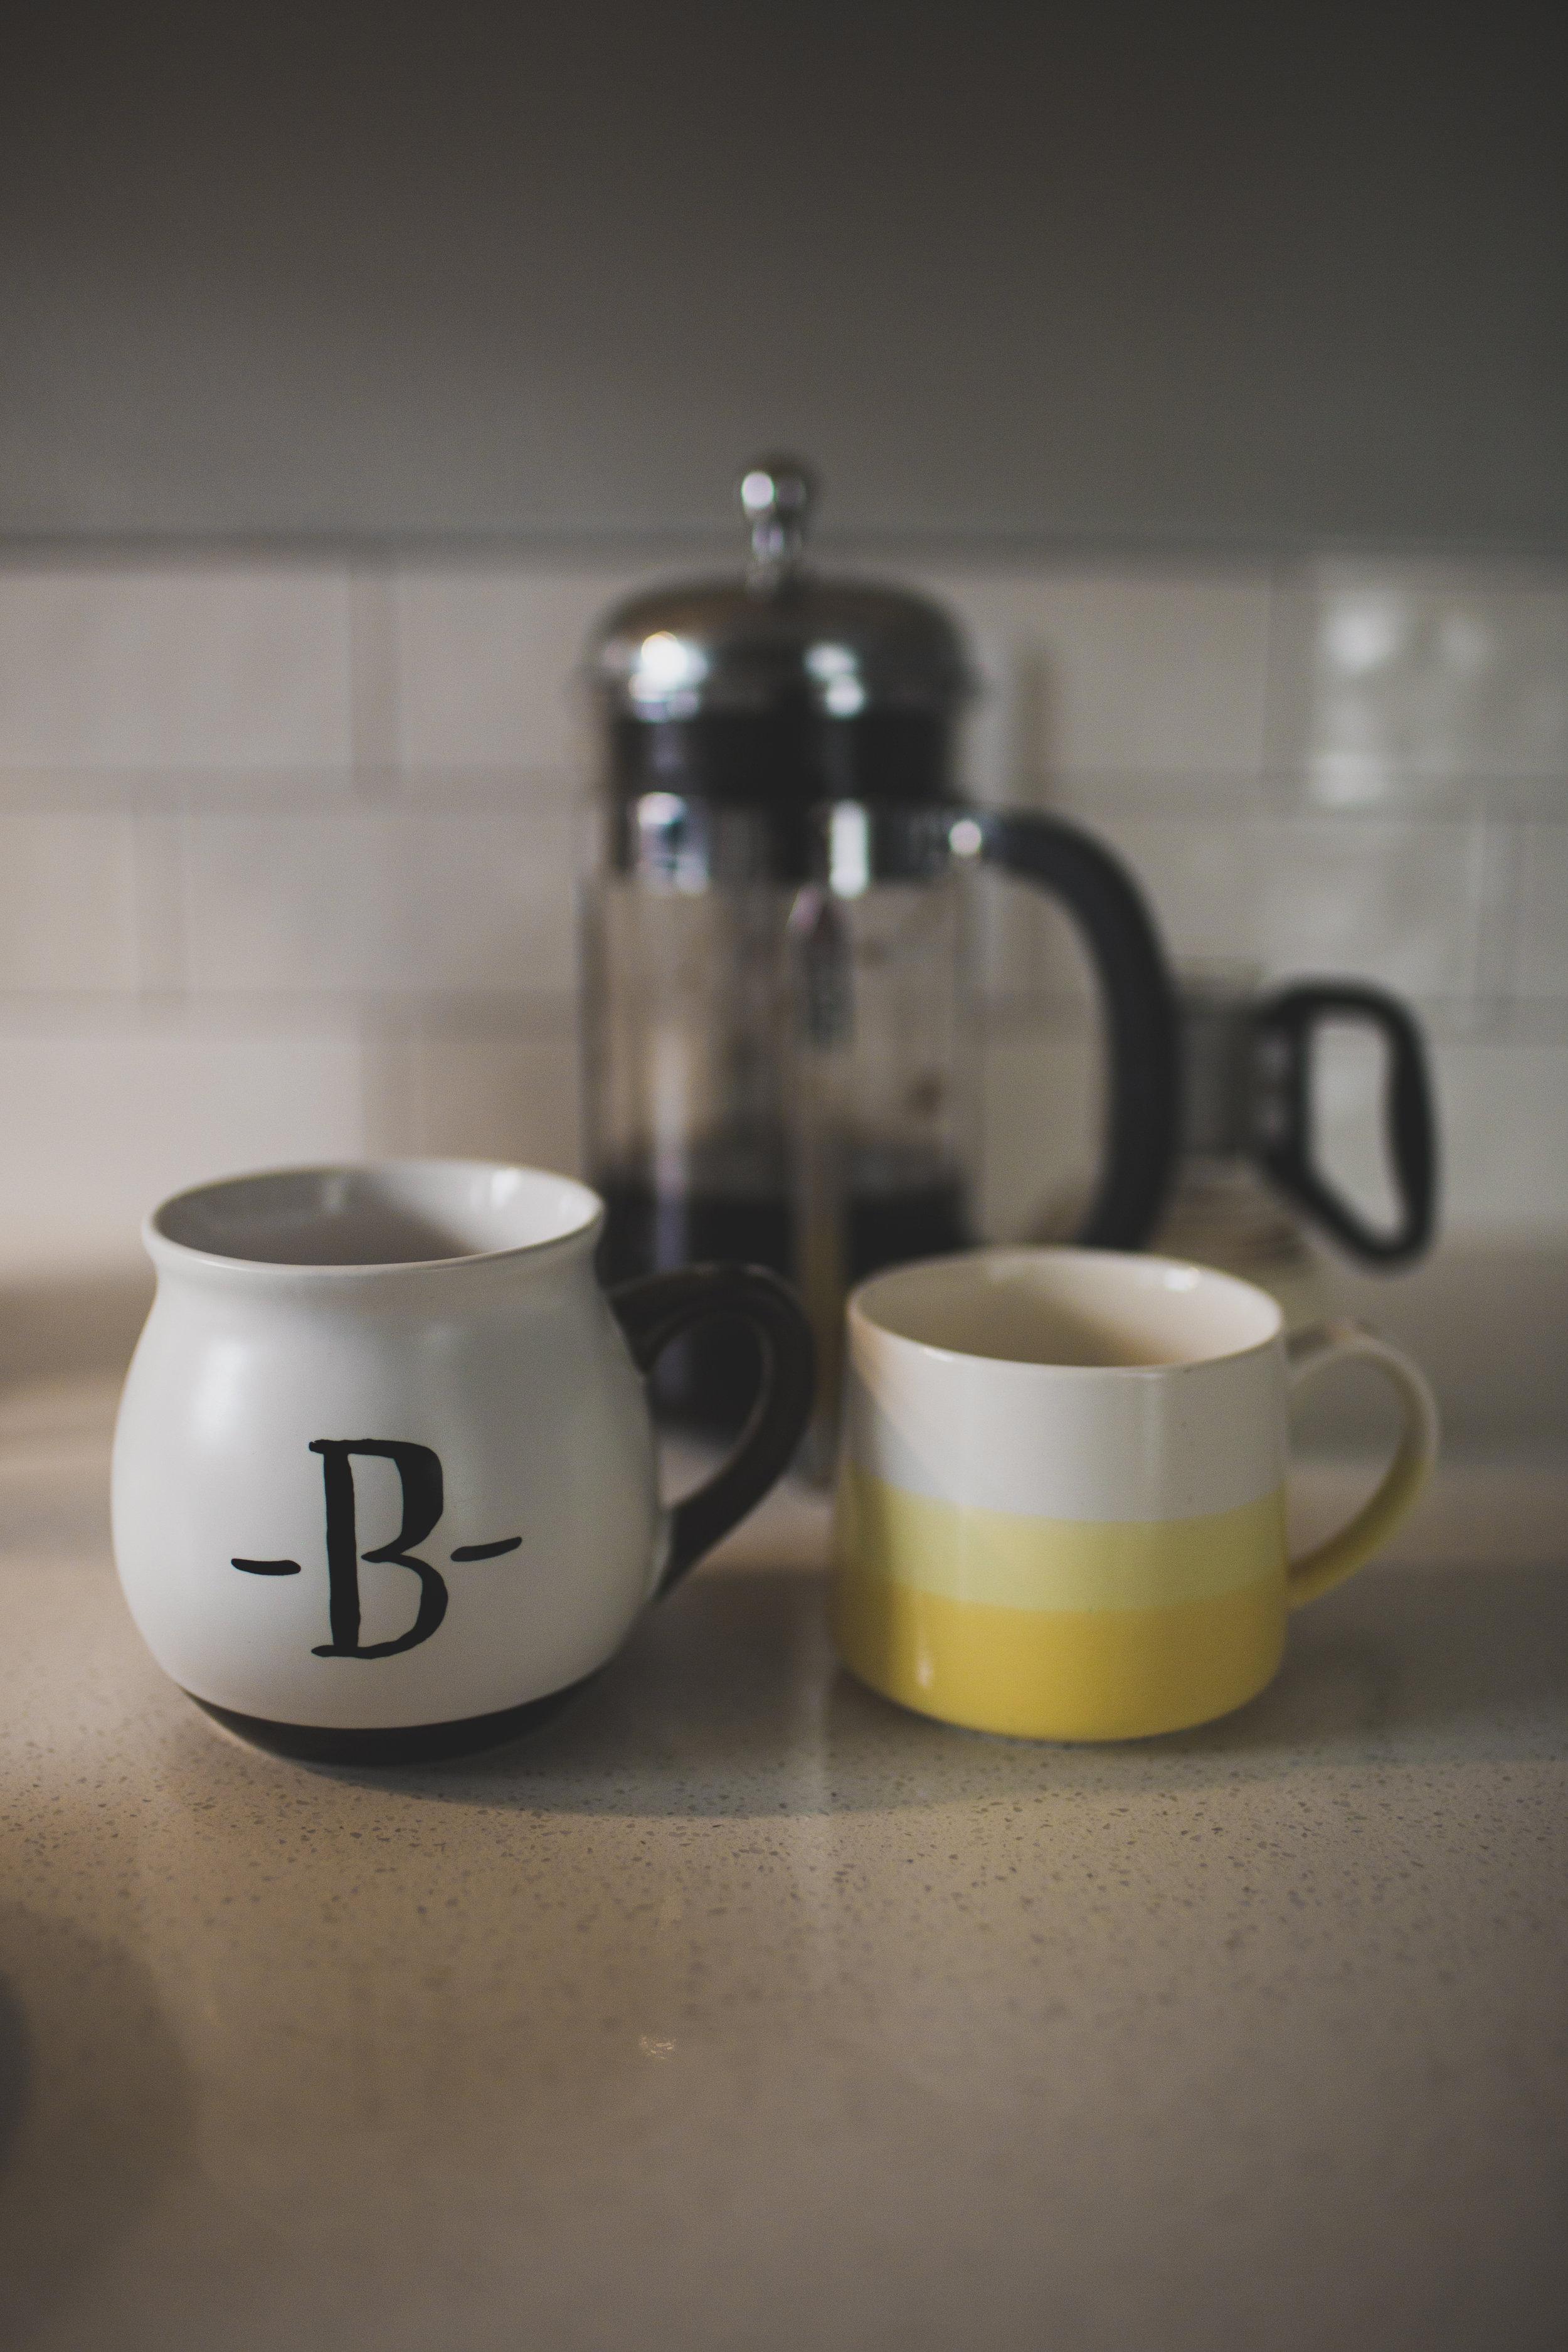 b cup.jpg